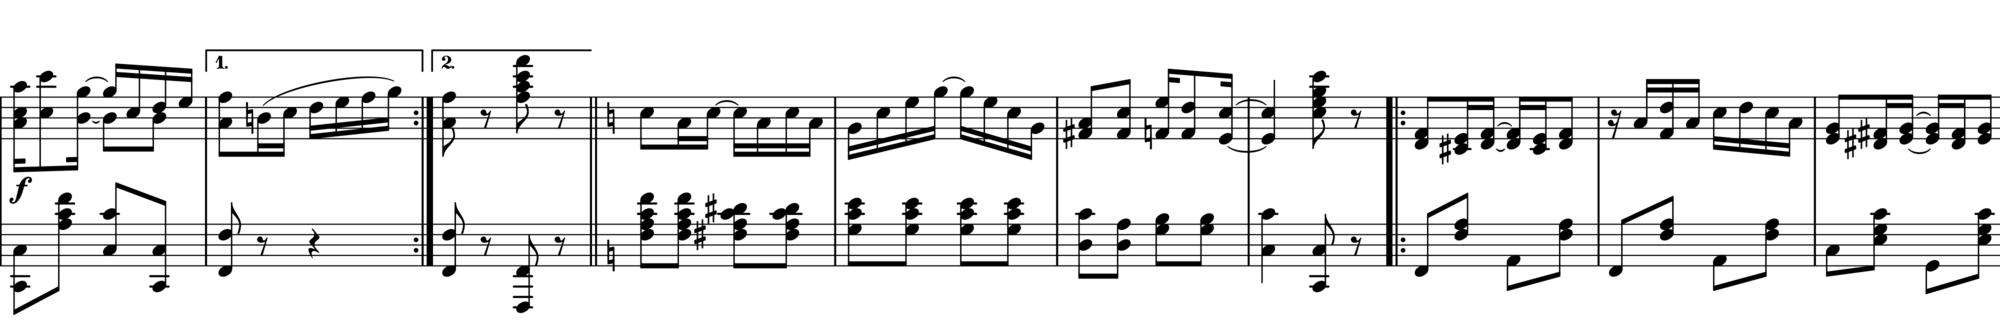 Part_7_150